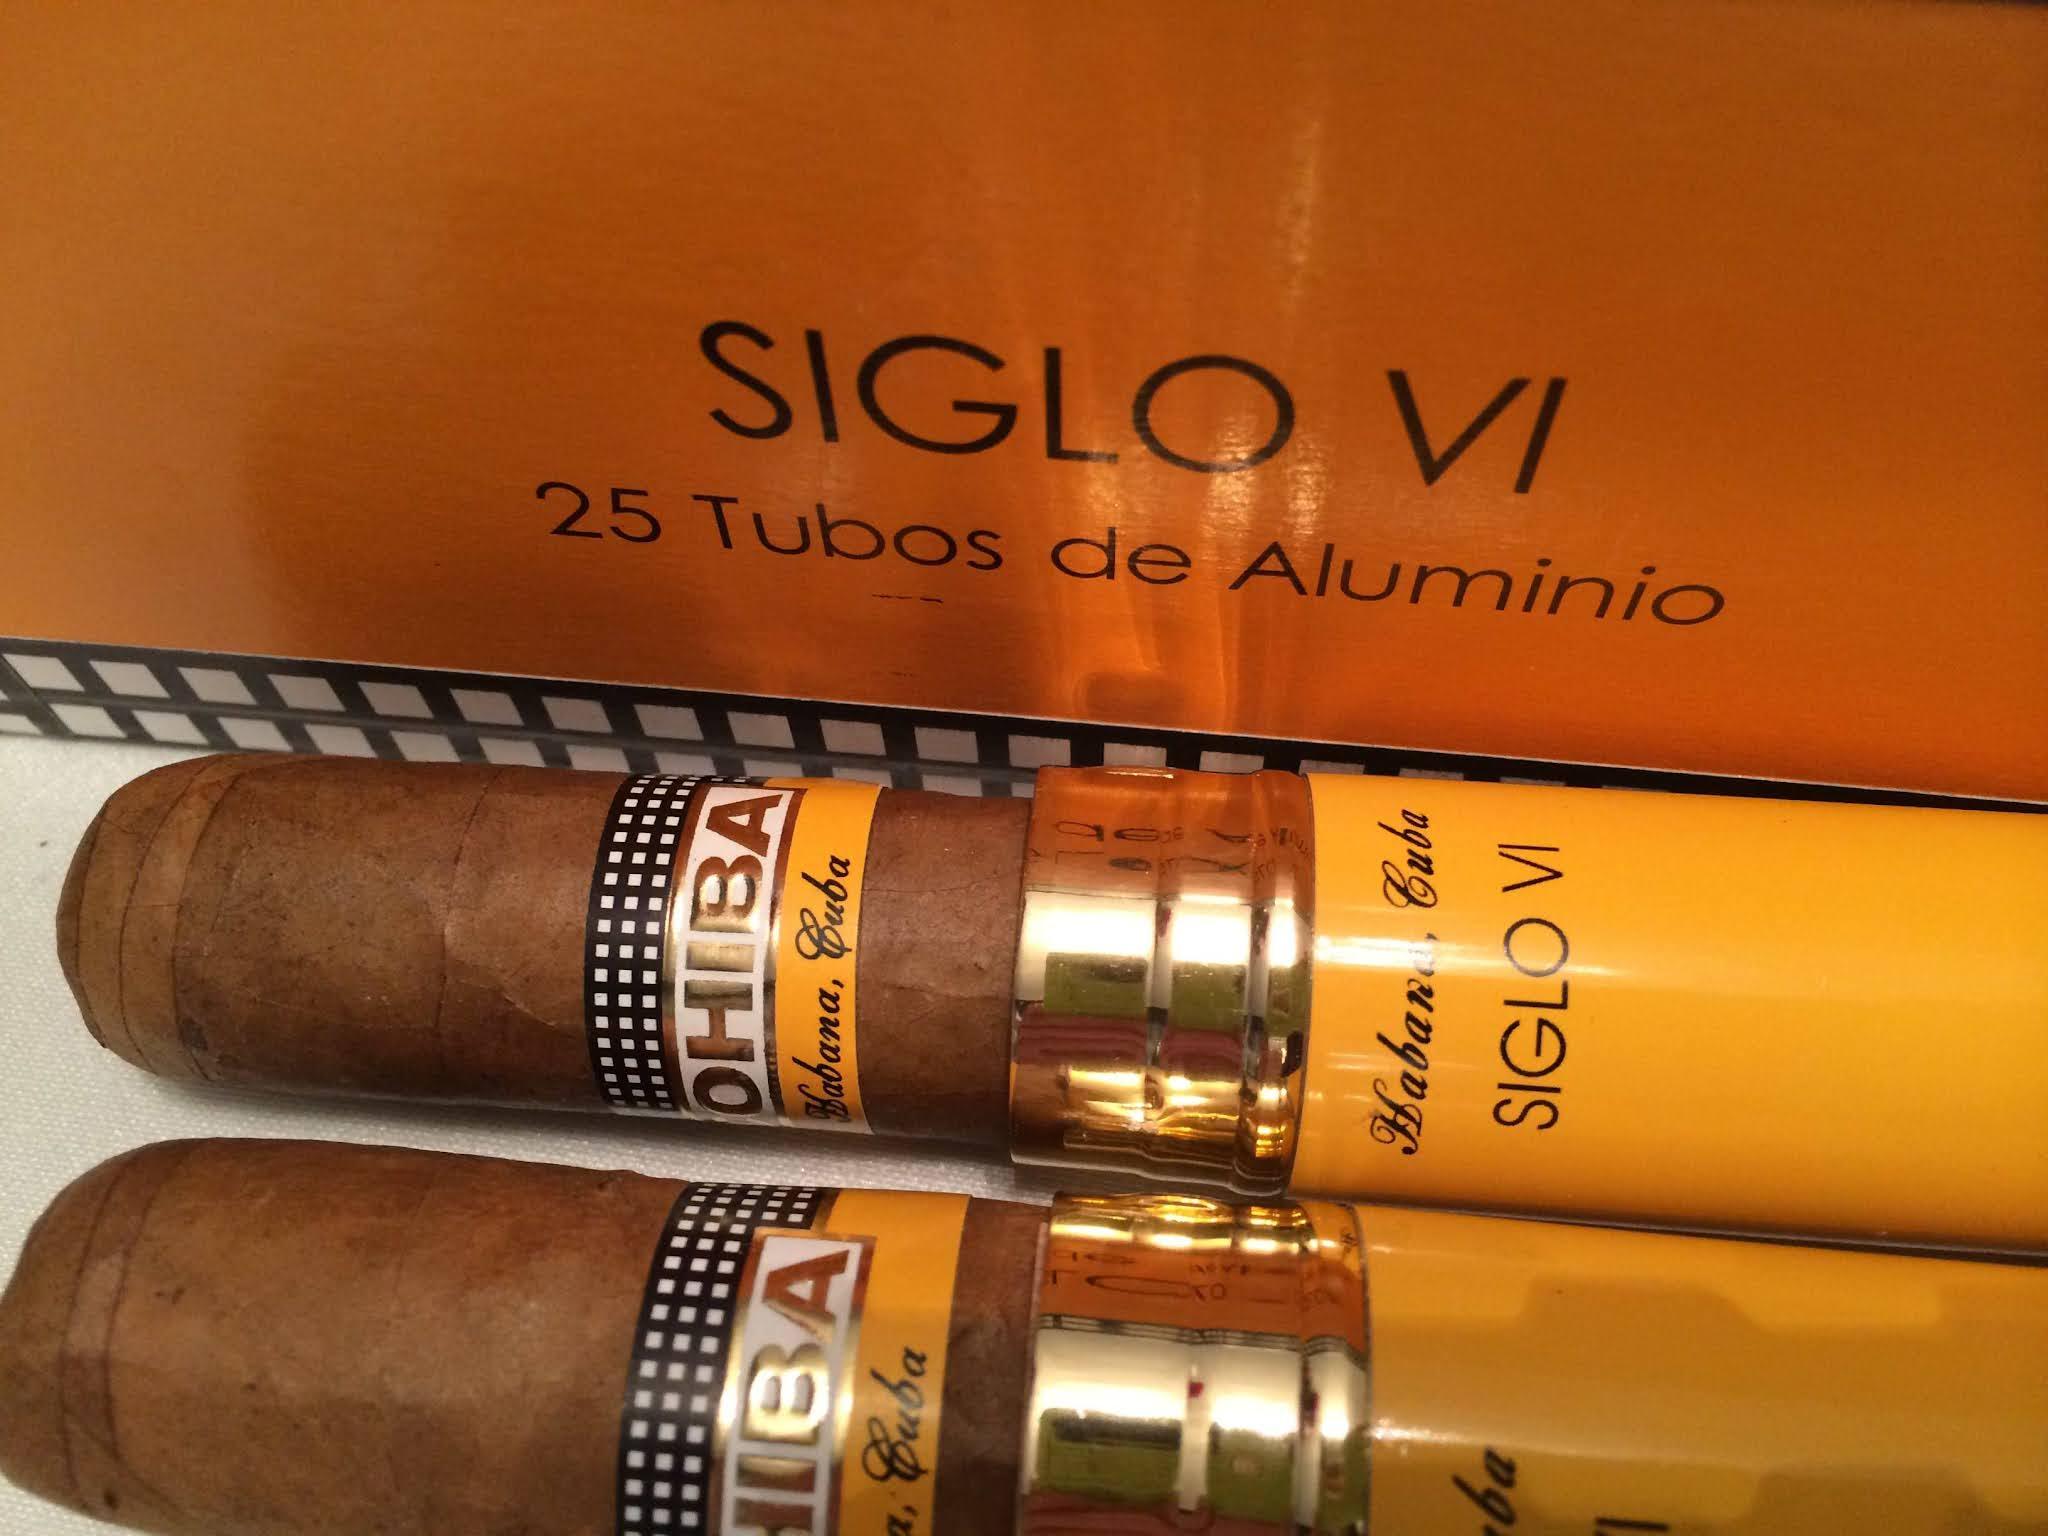 Mua Xì gà (Cigar) Siglo 6 uy tín tại HCM, TPHCM, Sài Gòn